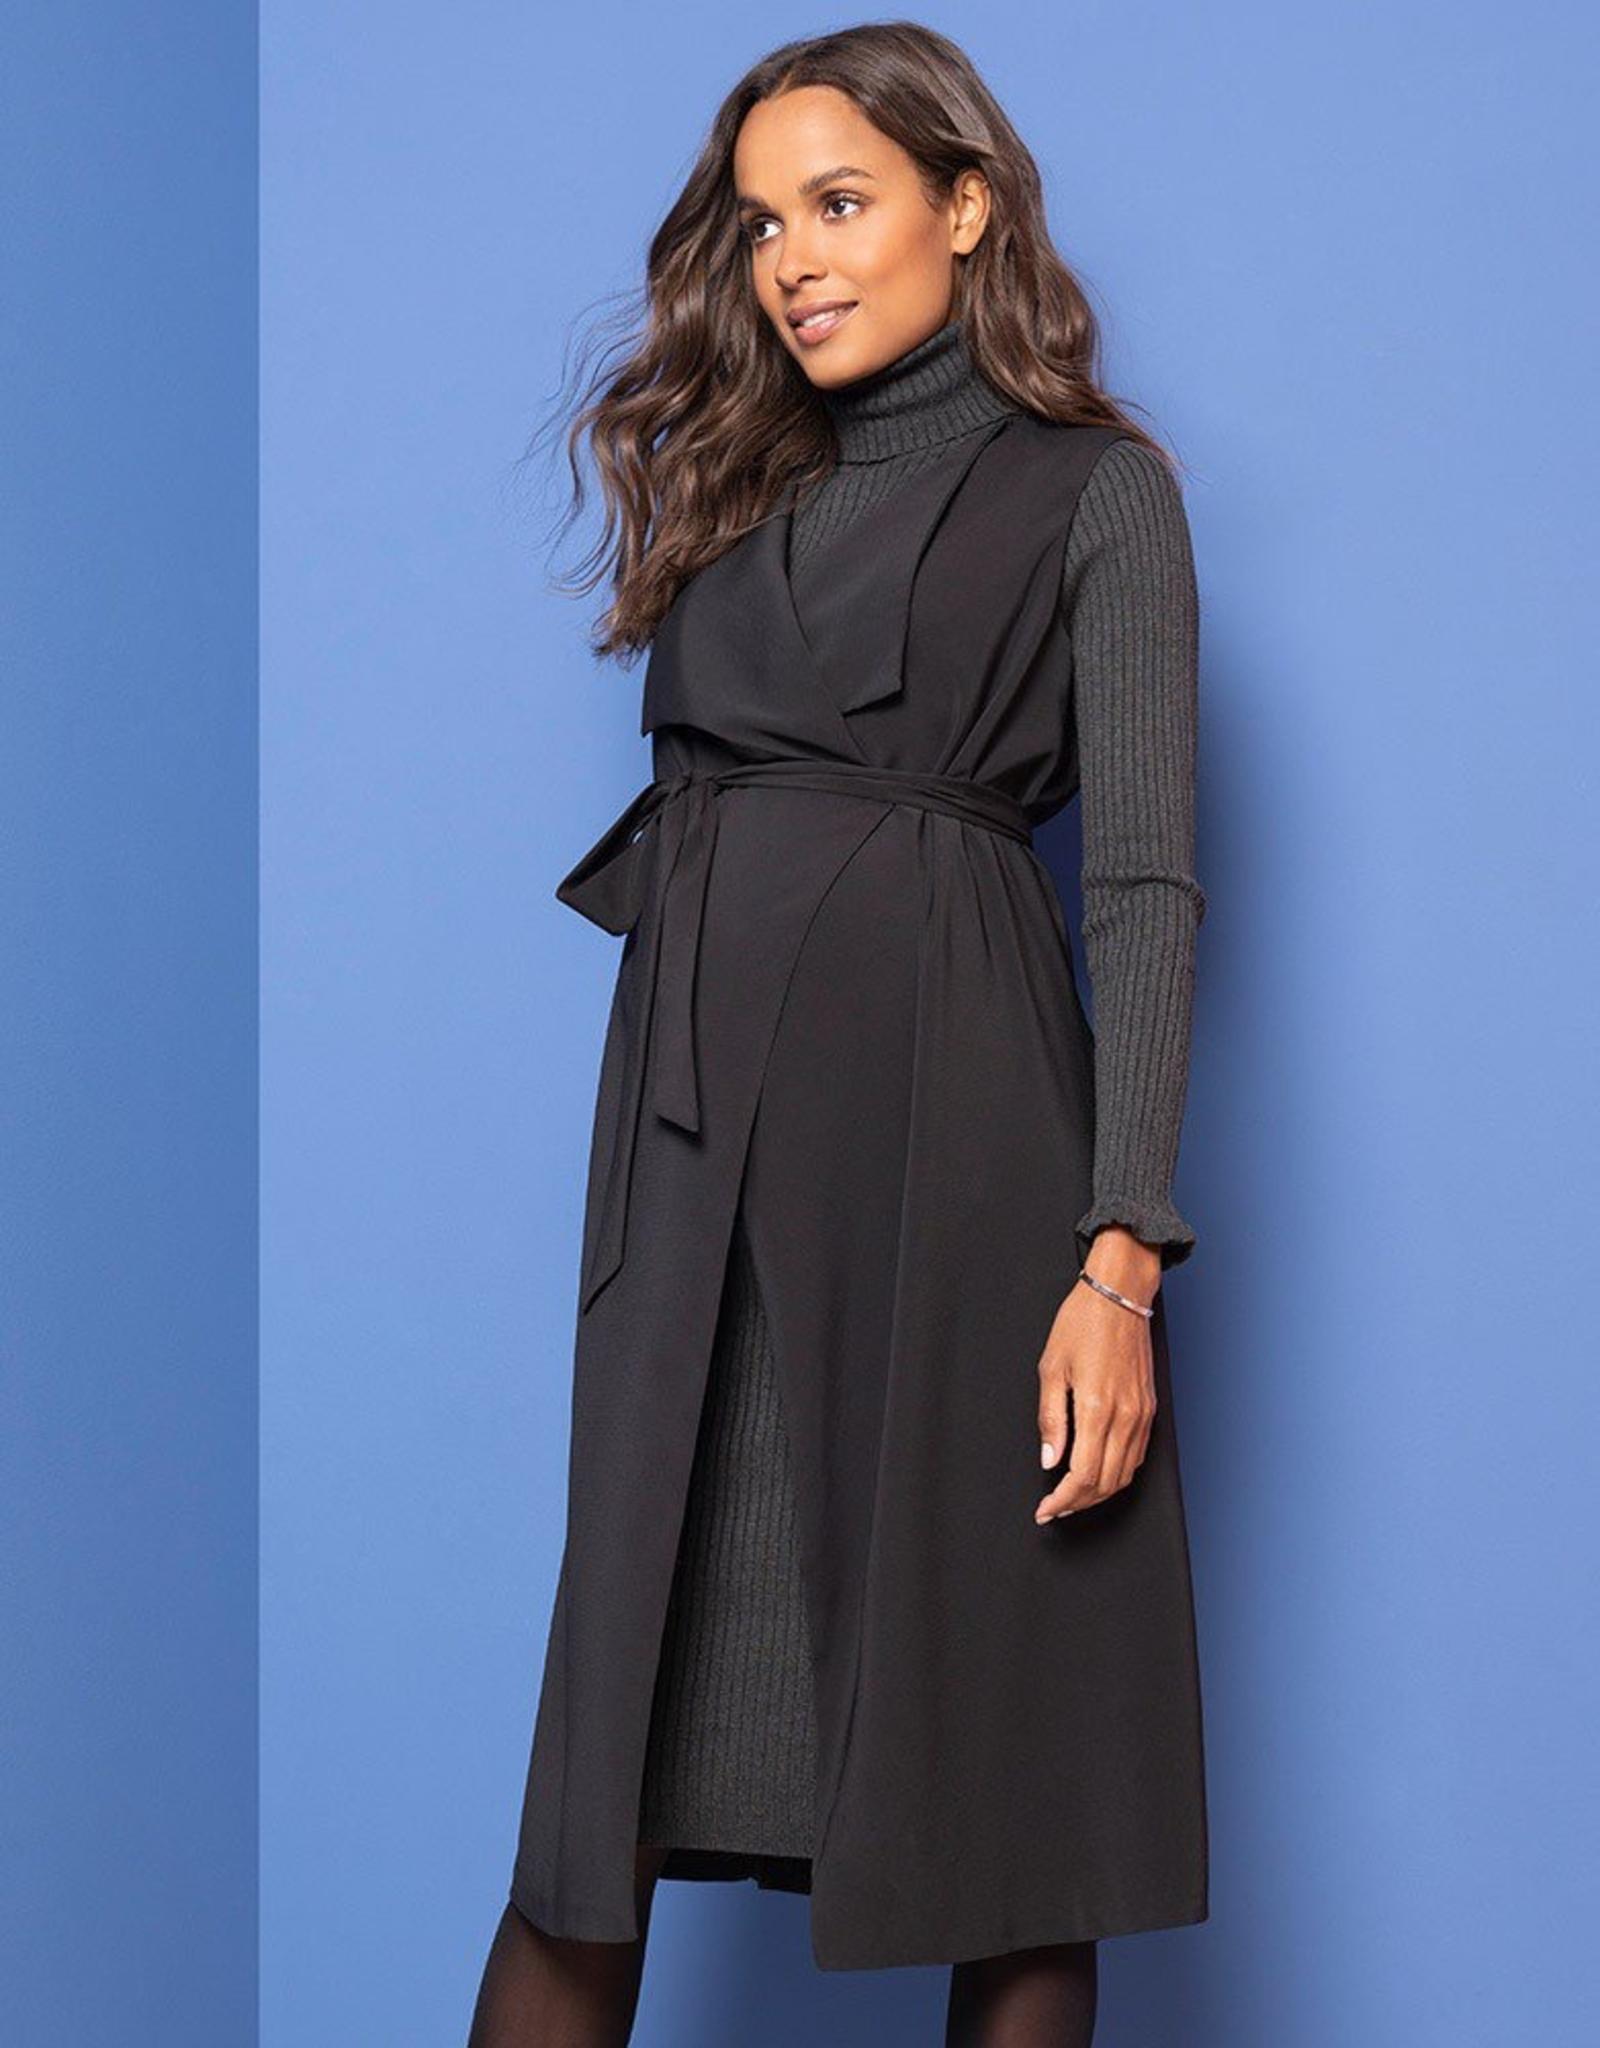 Seraphine Shirley Premium Sleeveless Maternity Jacket